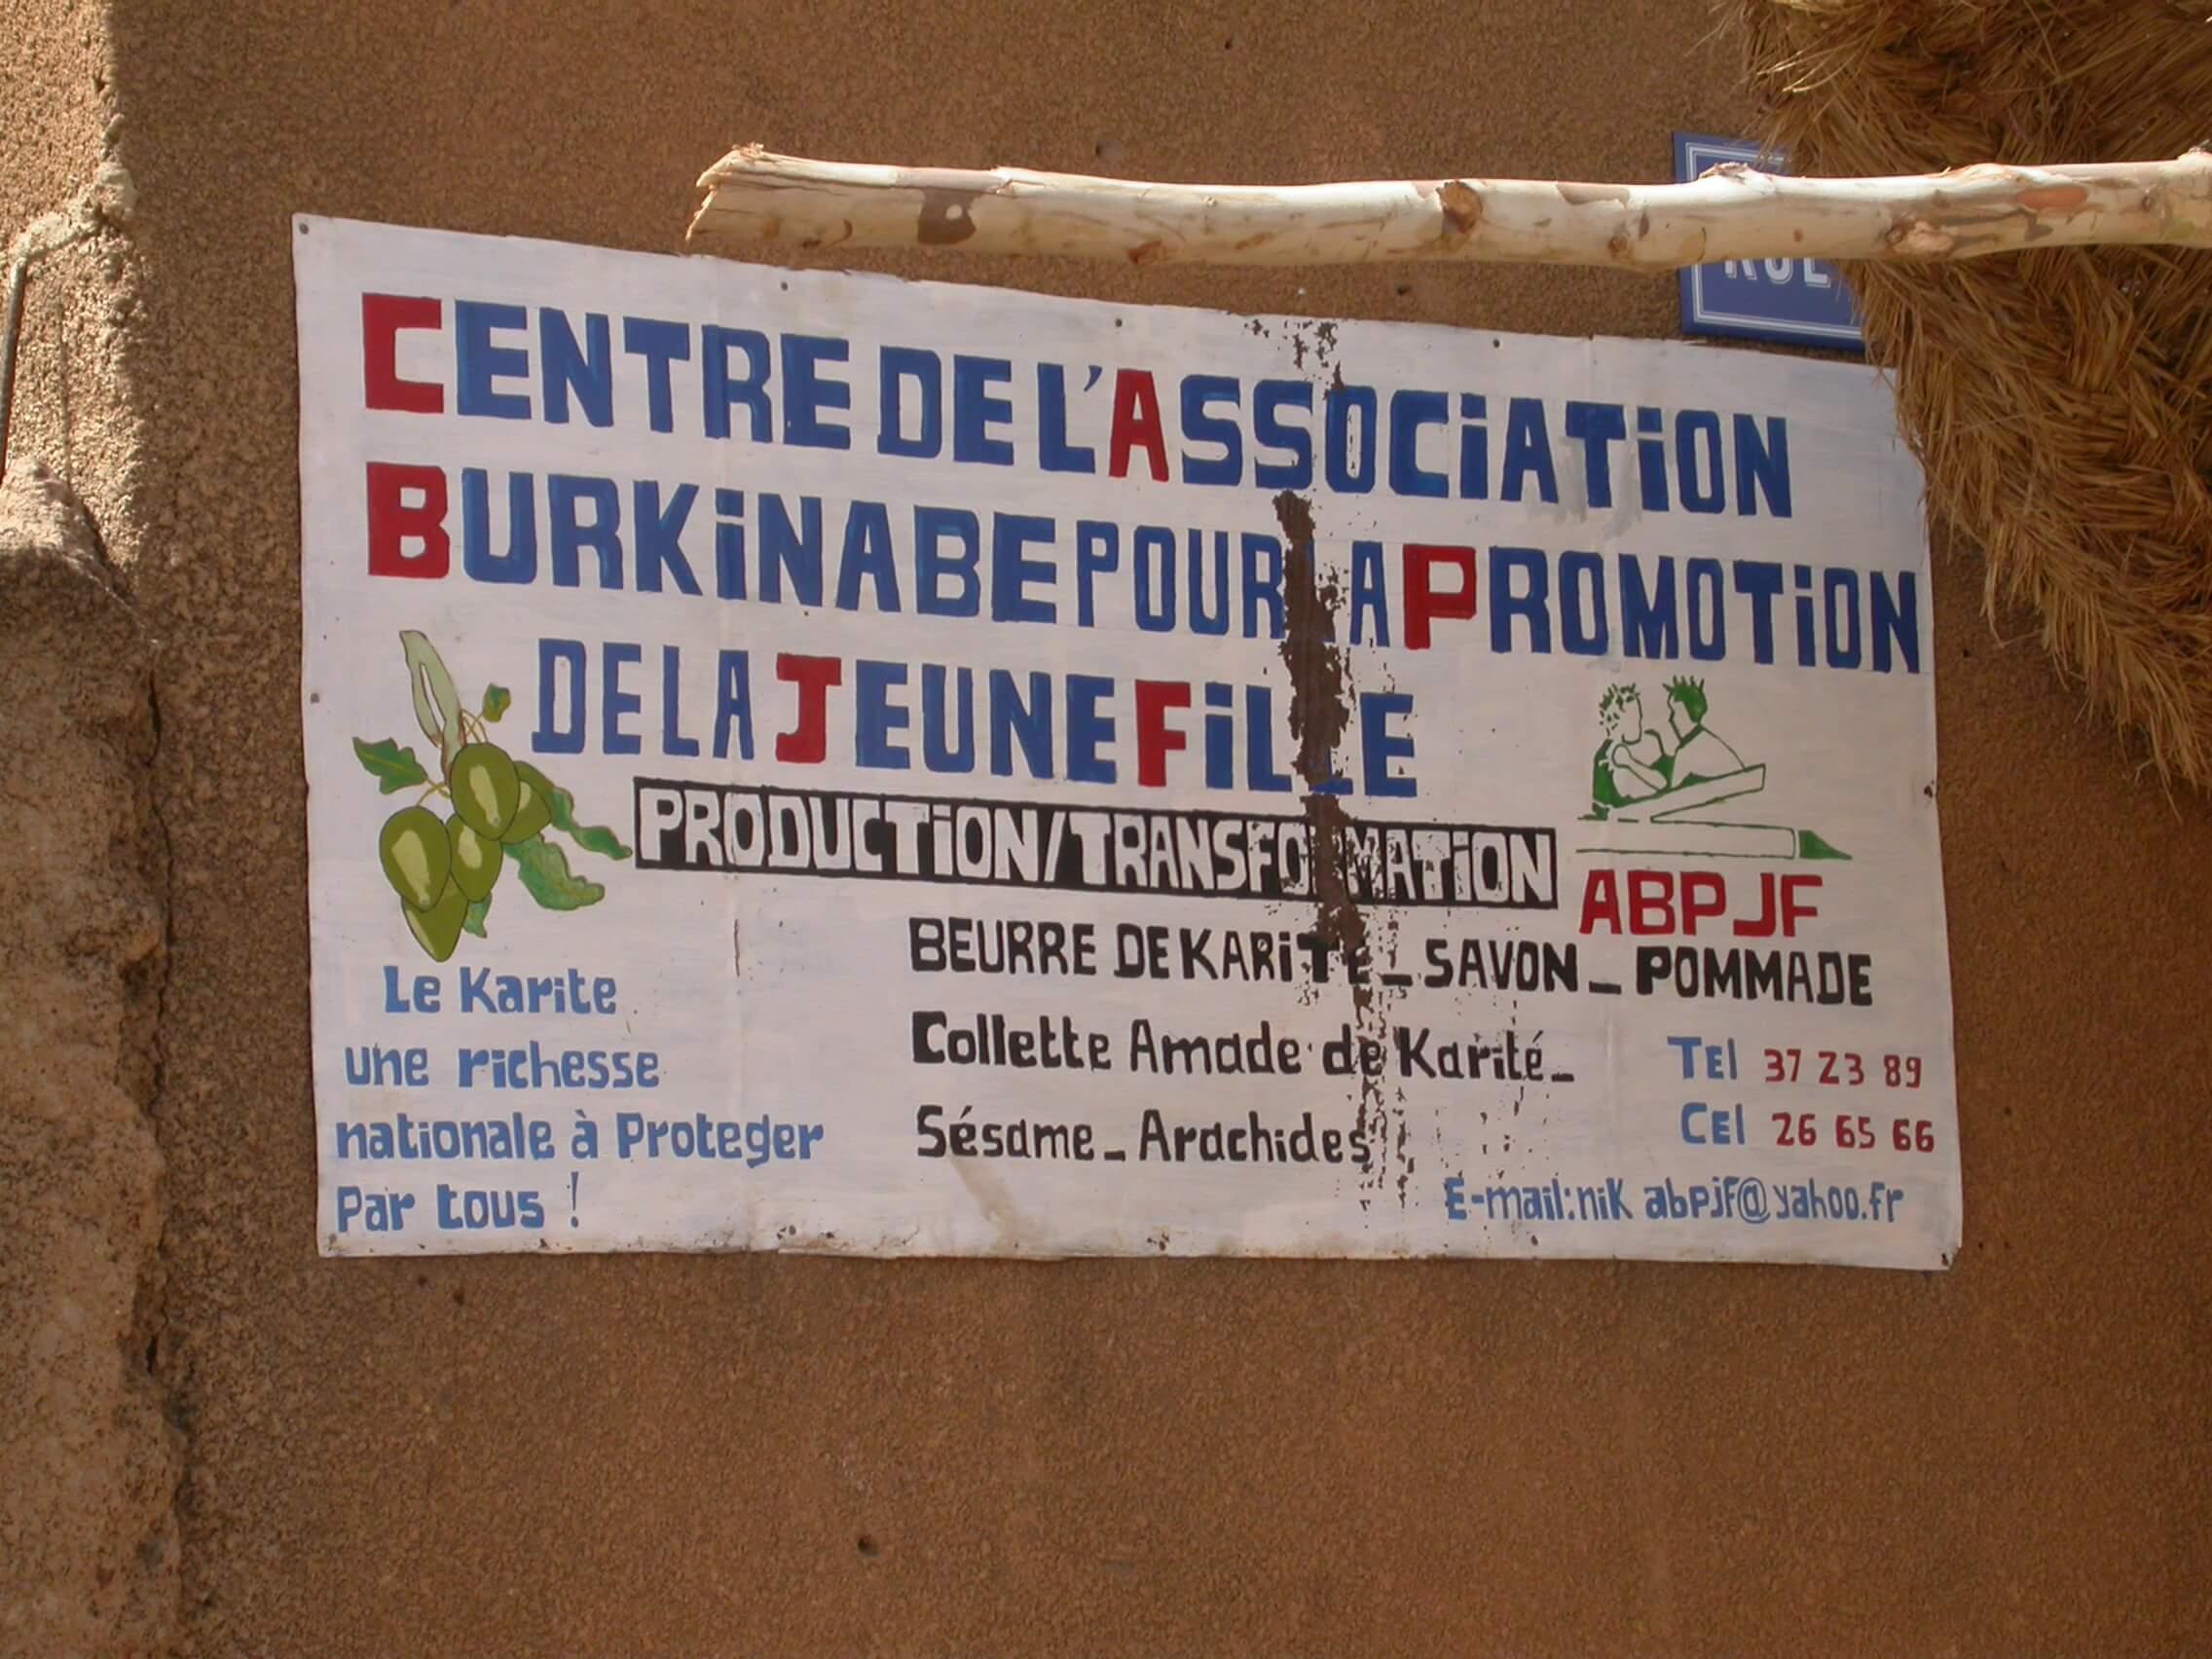 Association femme Burkina